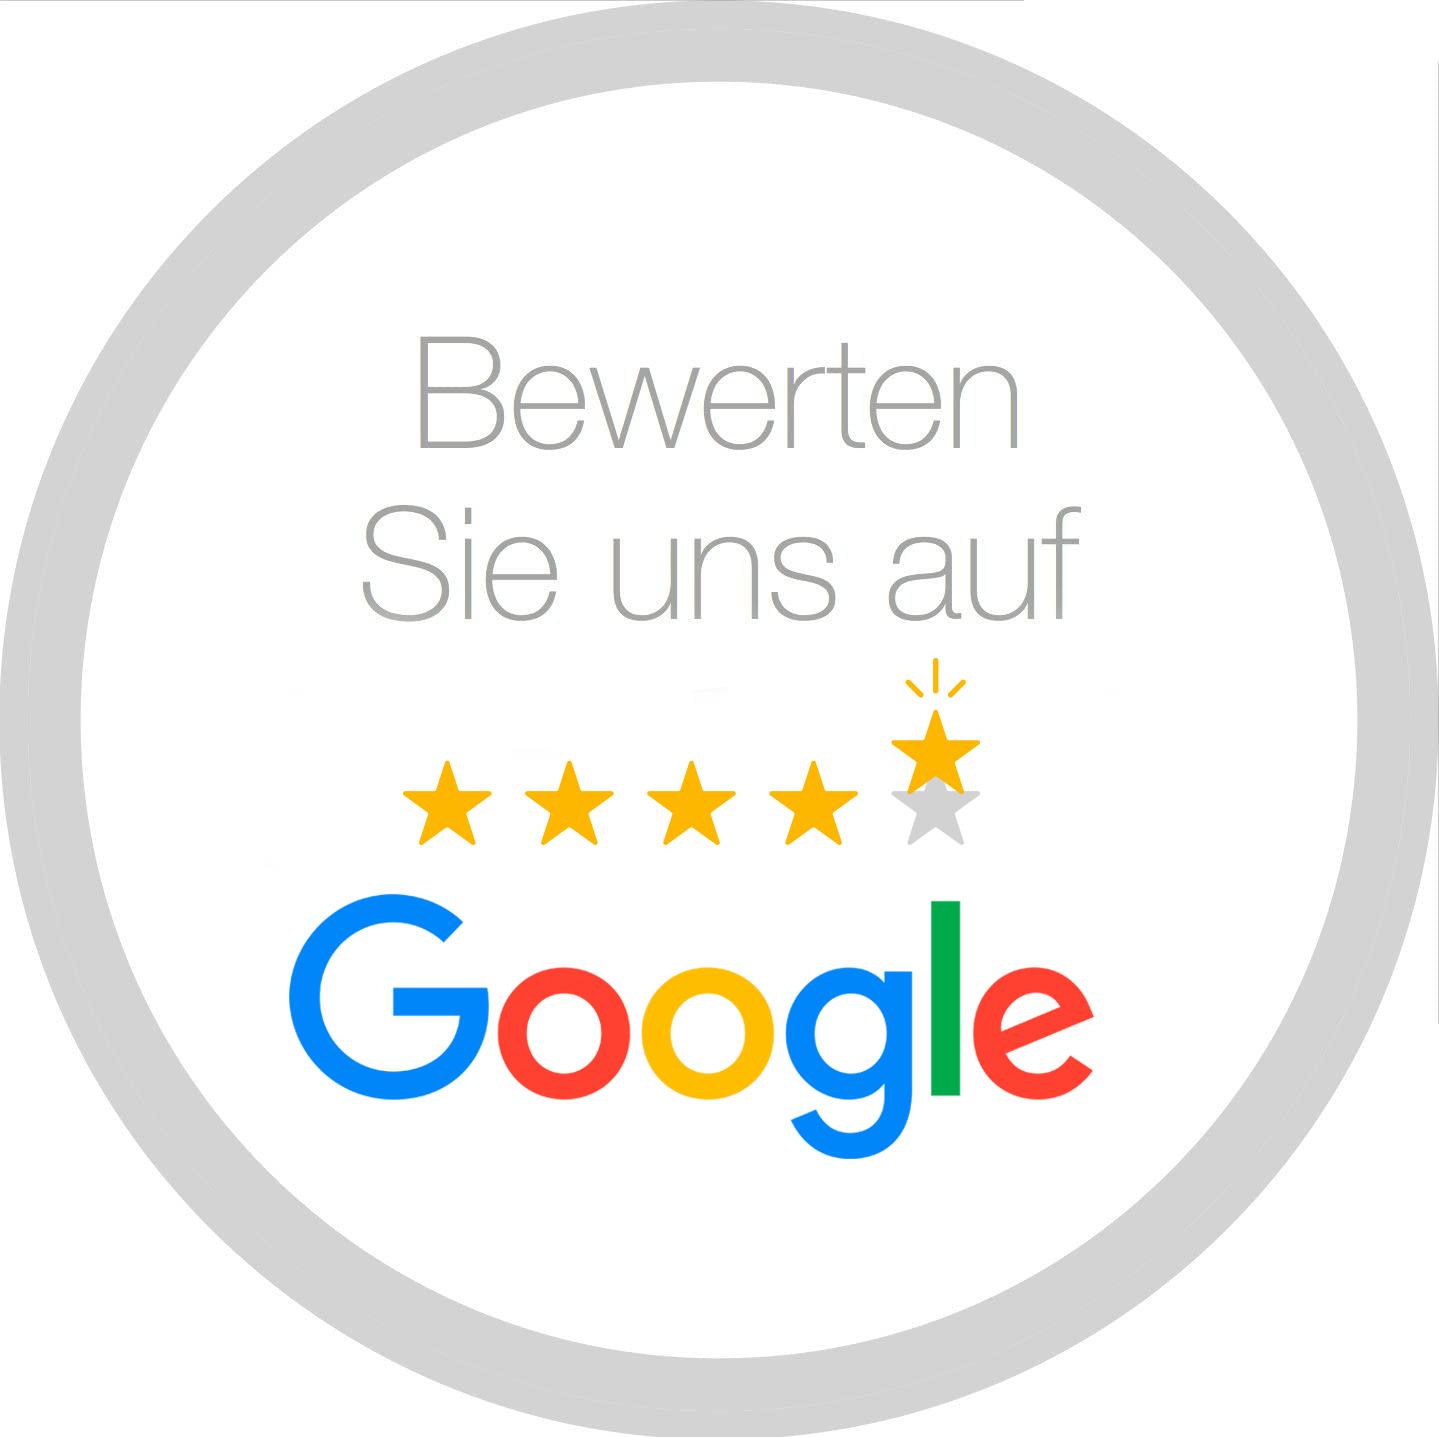 Reinigungsfirma München - Google Bewertungen